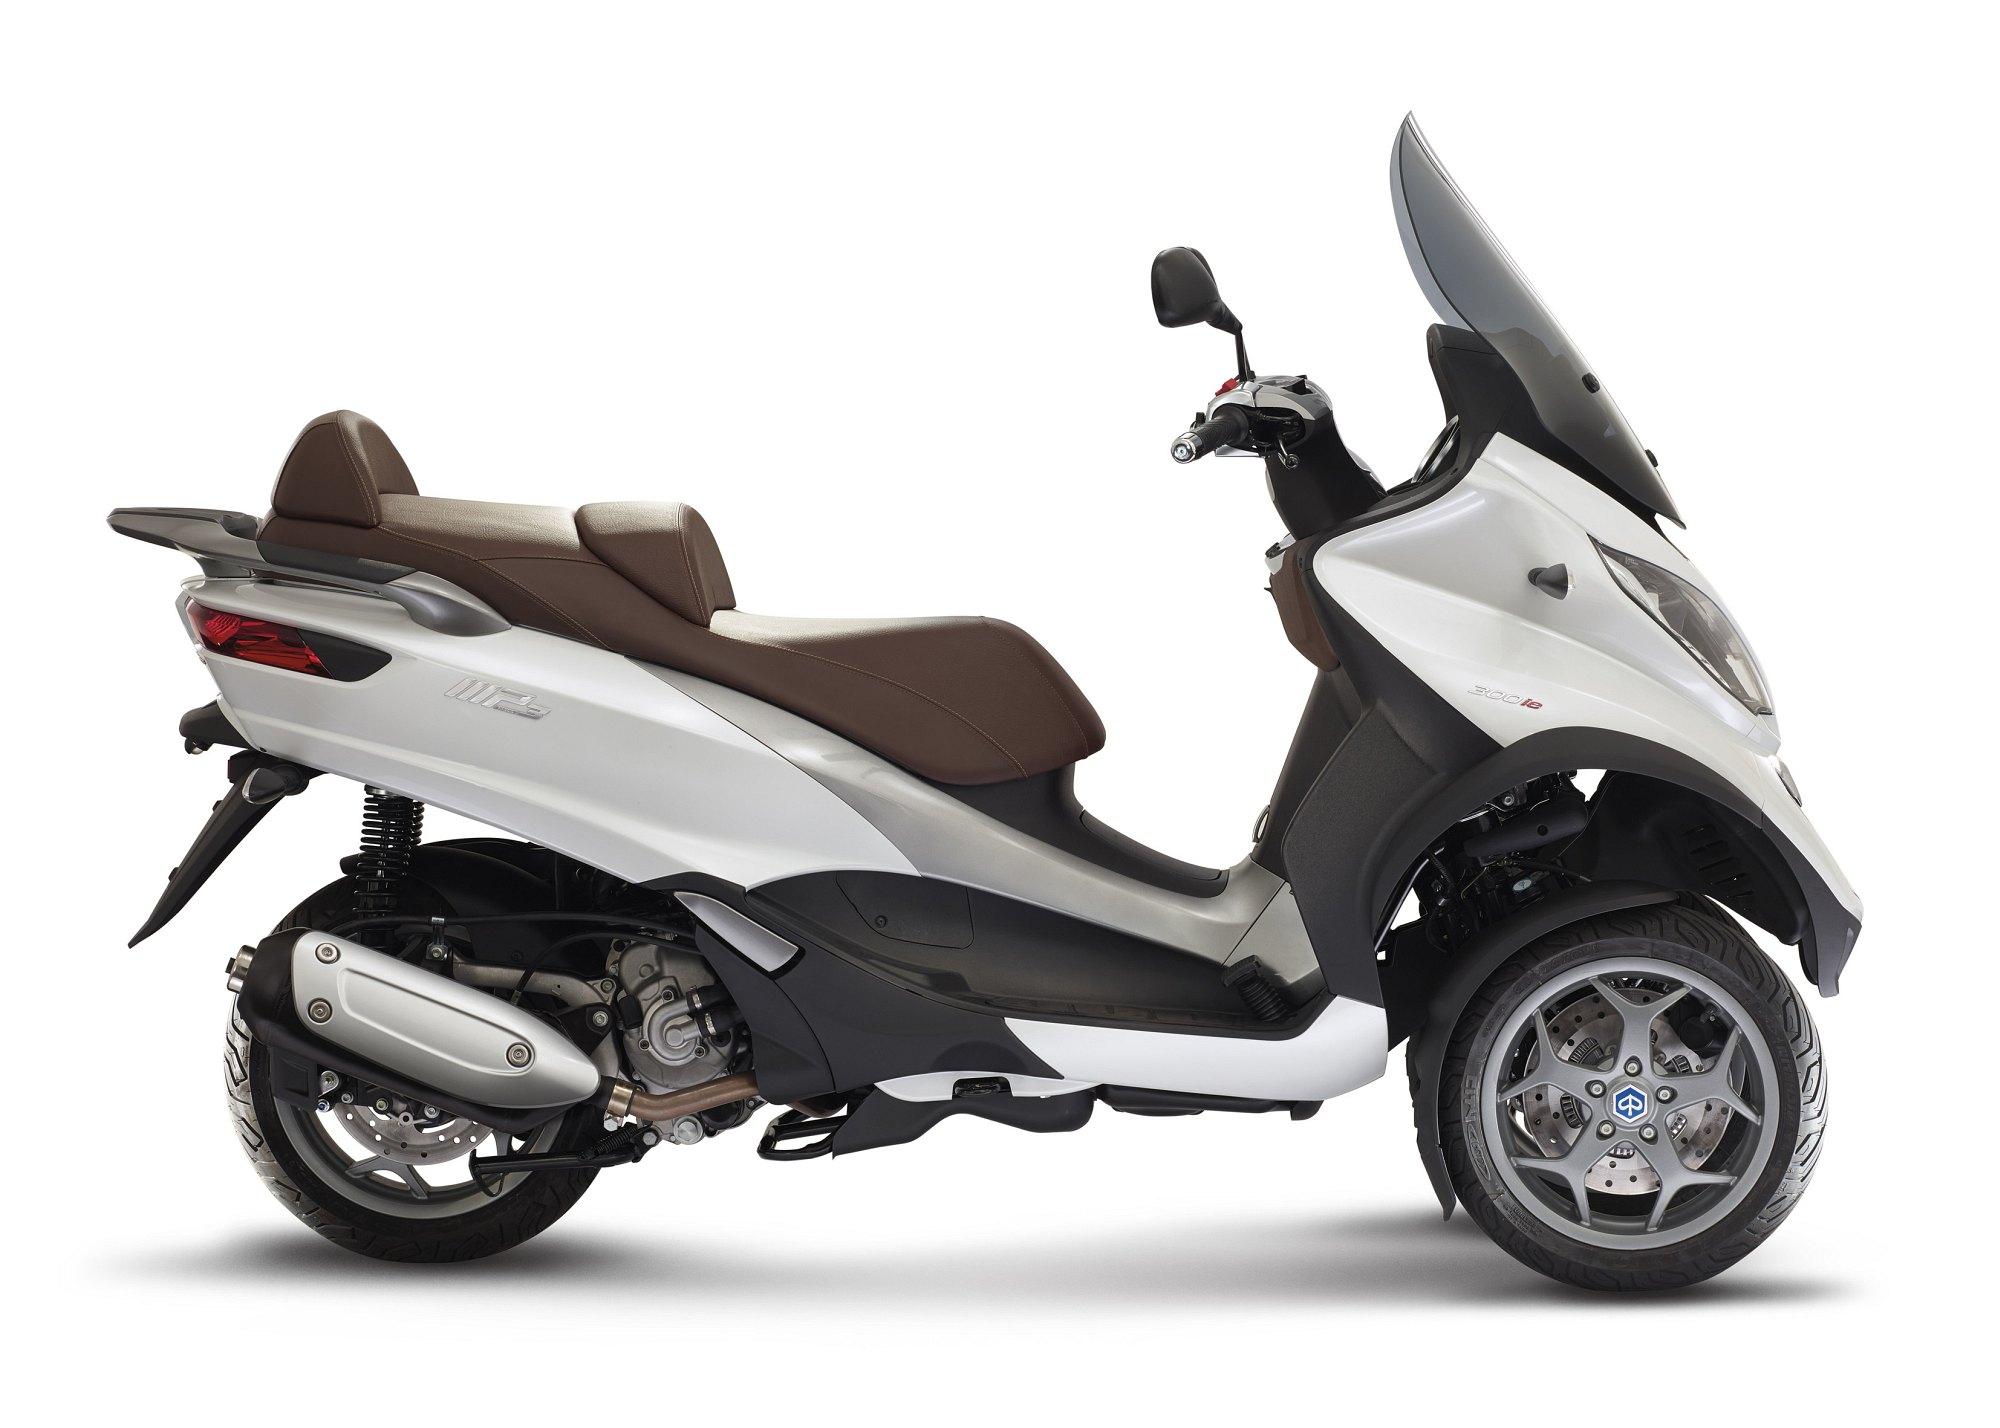 gebrauchte und neue piaggio mp3 300 ie business motorr der kaufen. Black Bedroom Furniture Sets. Home Design Ideas